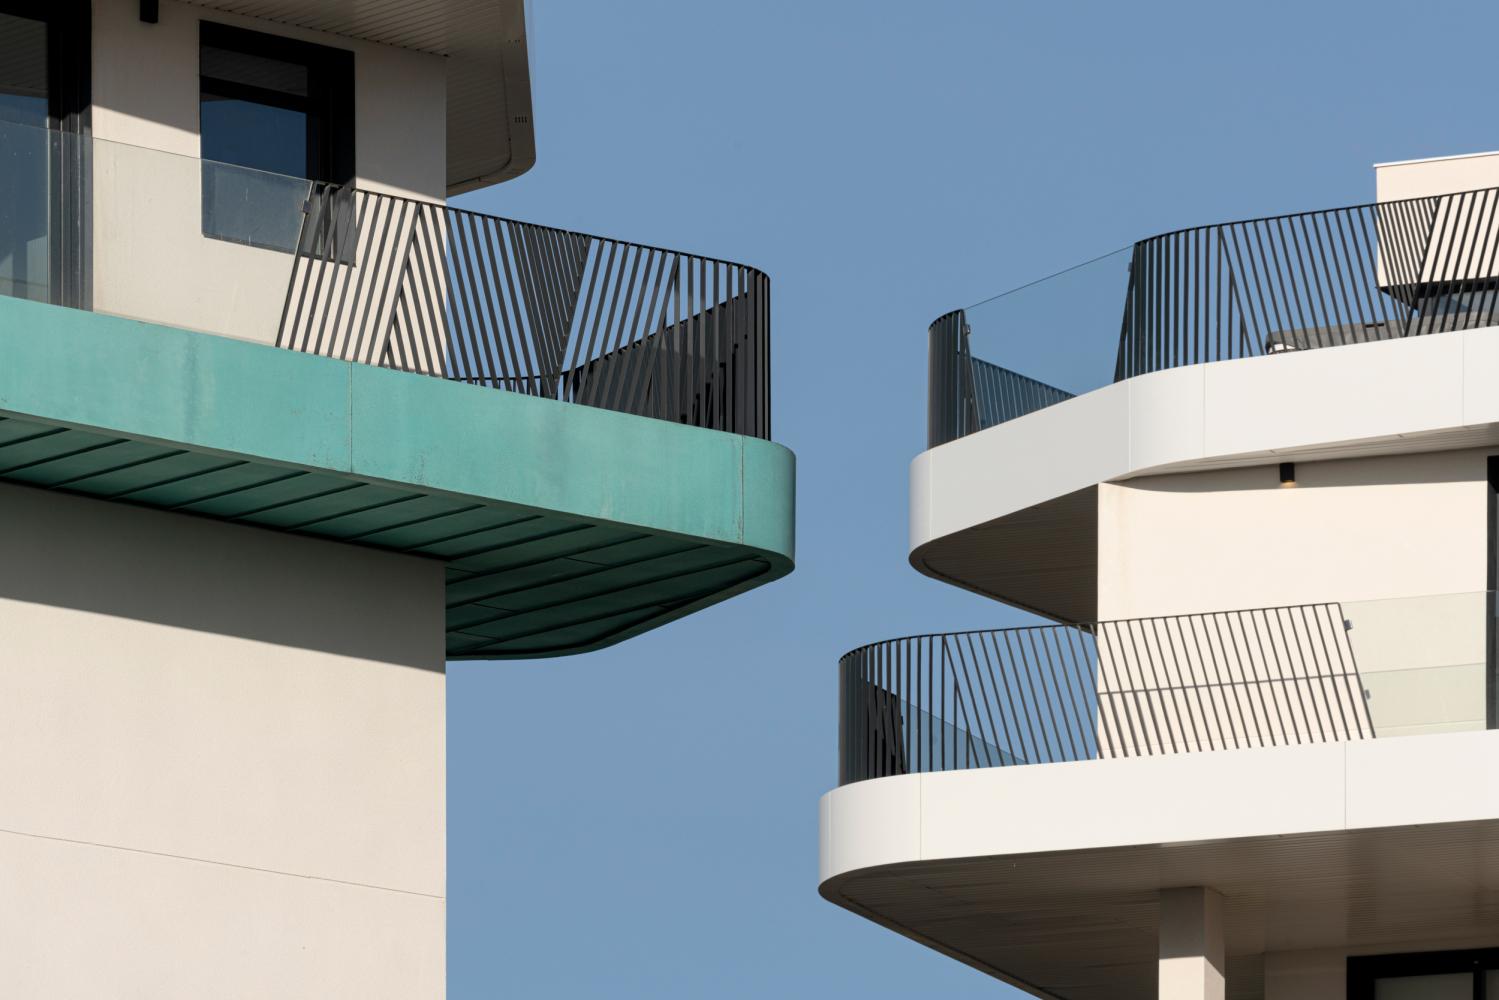 Detalles de las terrazas de Allonbay Village. Destaca el canto de cobre azul turquesa.